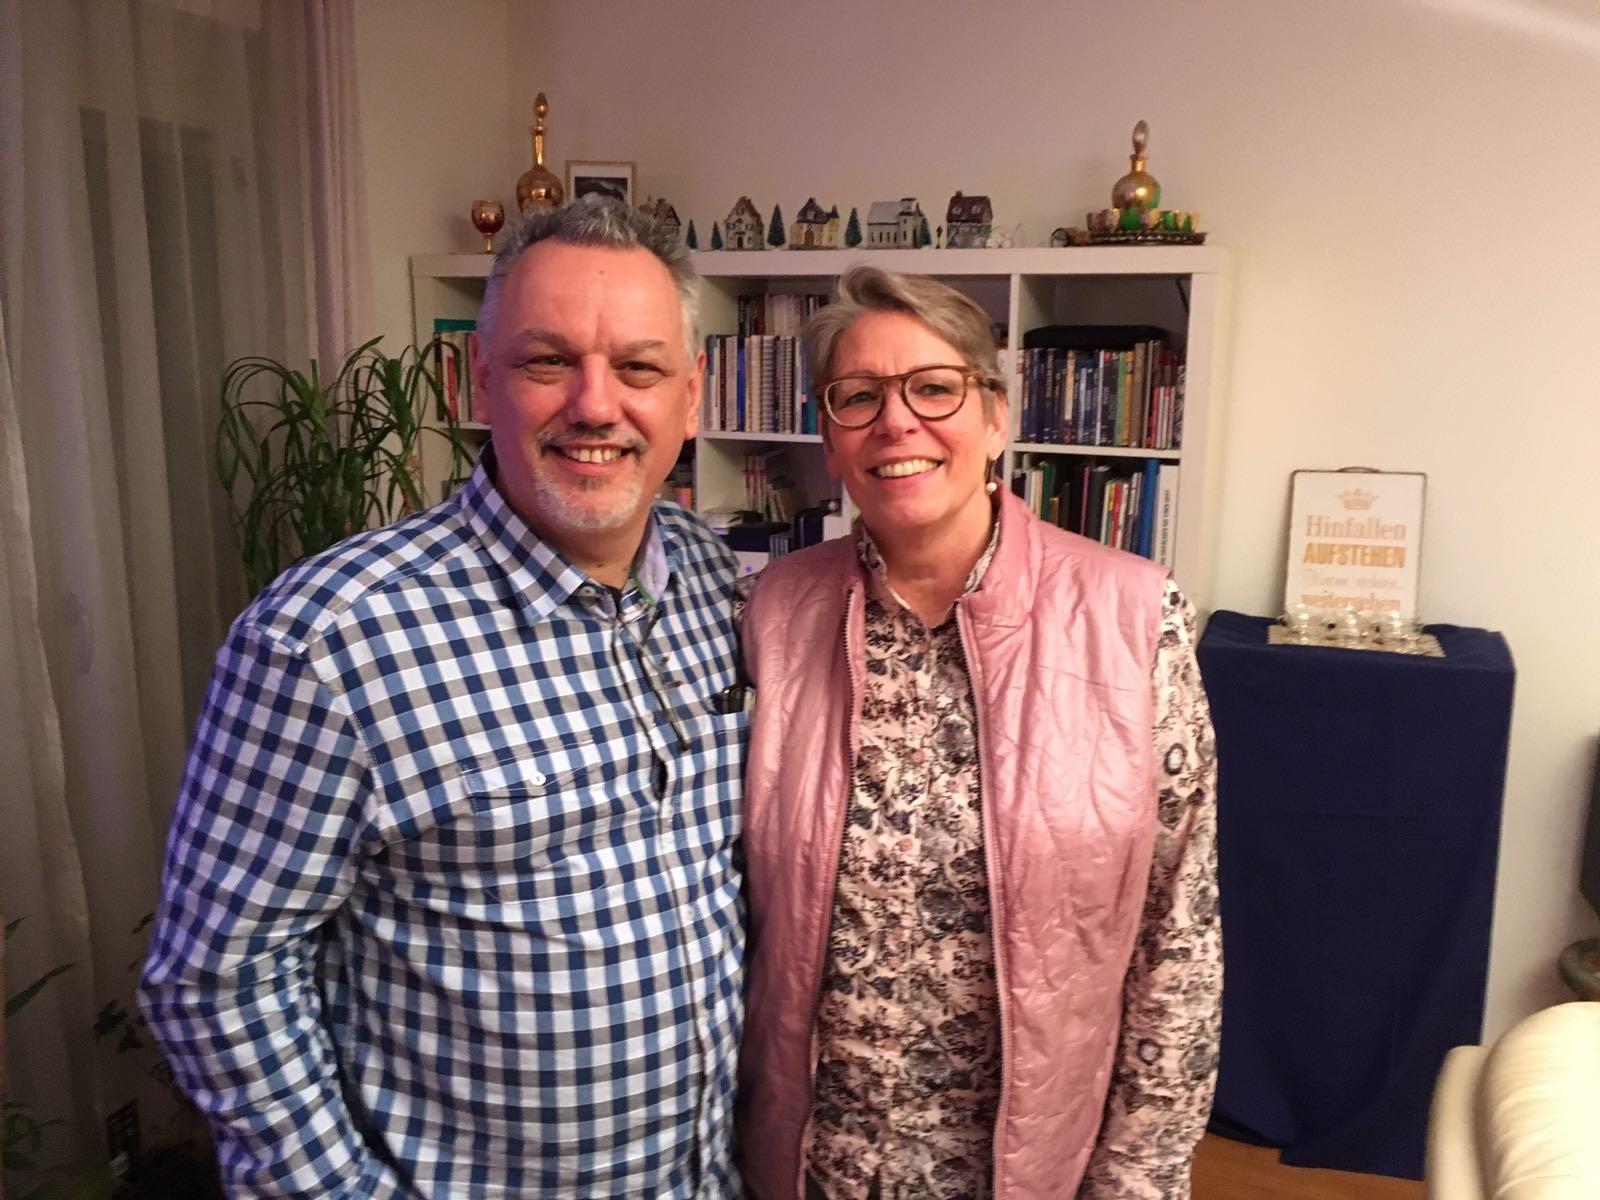 - Gemeindegründungsmentor Franz Guzelnig mit Maria Dolin,die vom ersten Treffen an mit dabei ist.